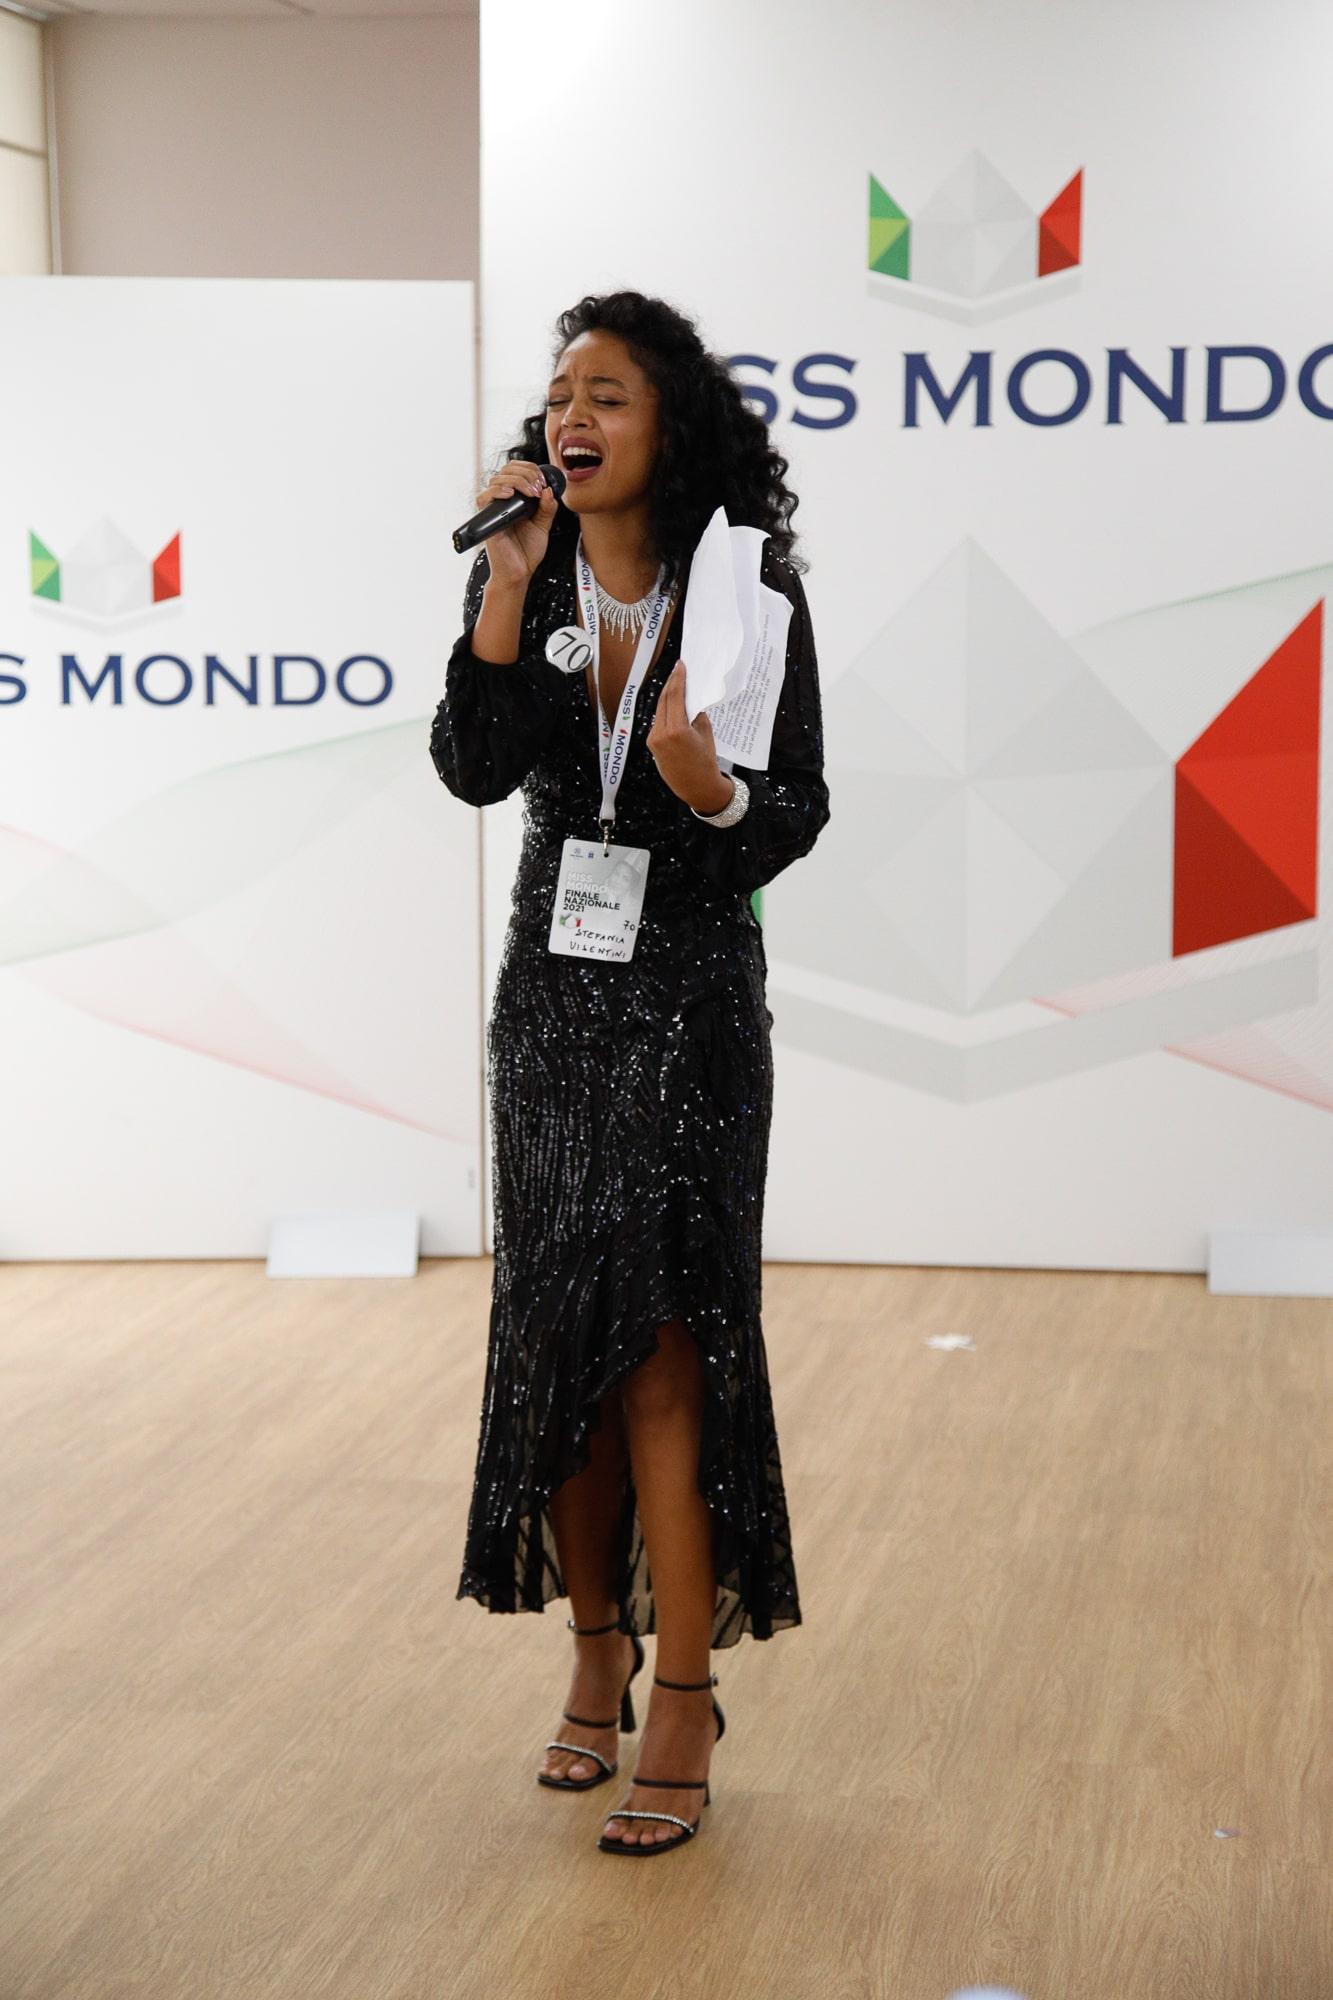 Finale nazione Miss Mondo Italia 2021 Audizione Talent 3 - 15